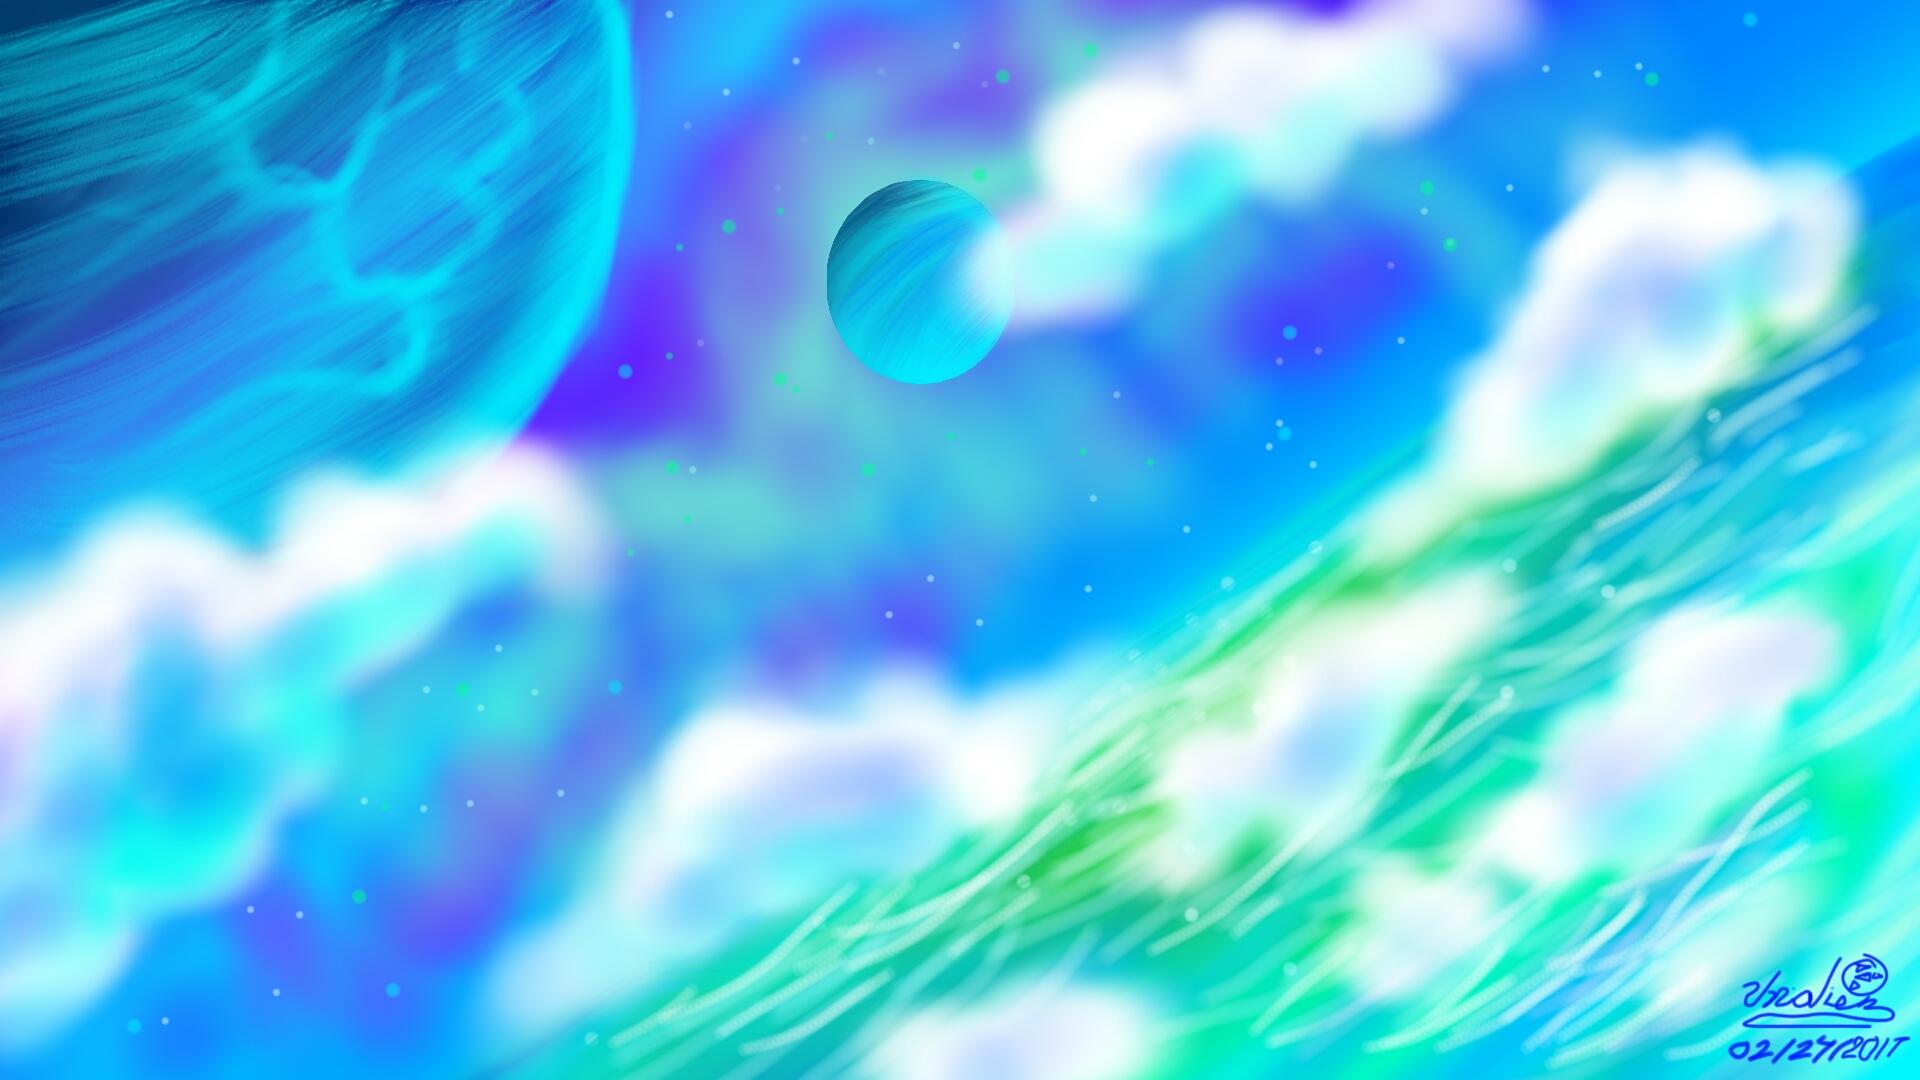 Starry Blues Stellar Sea by Unialien